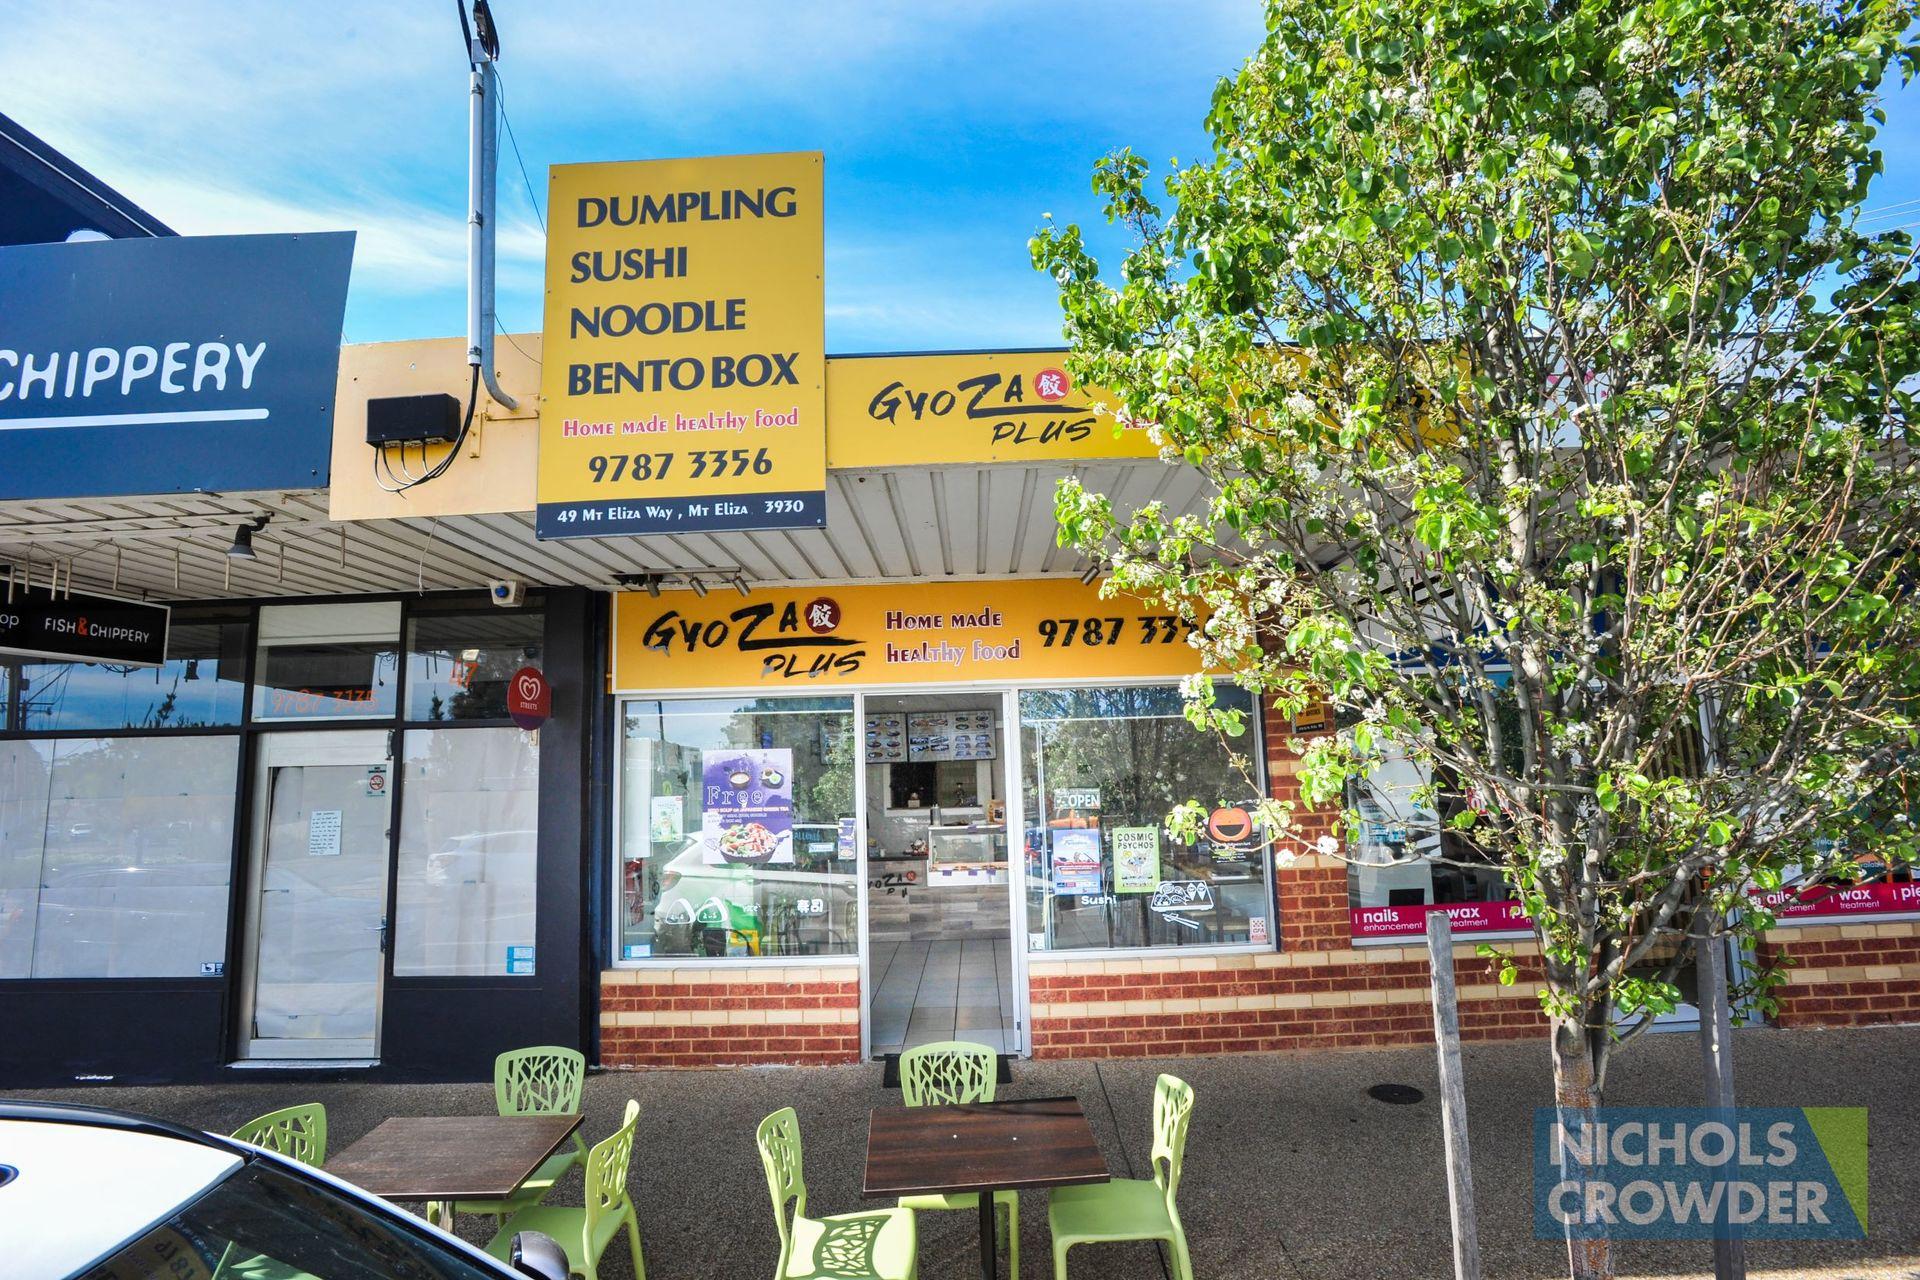 49 Mount Eliza Way,  Mount Eliza